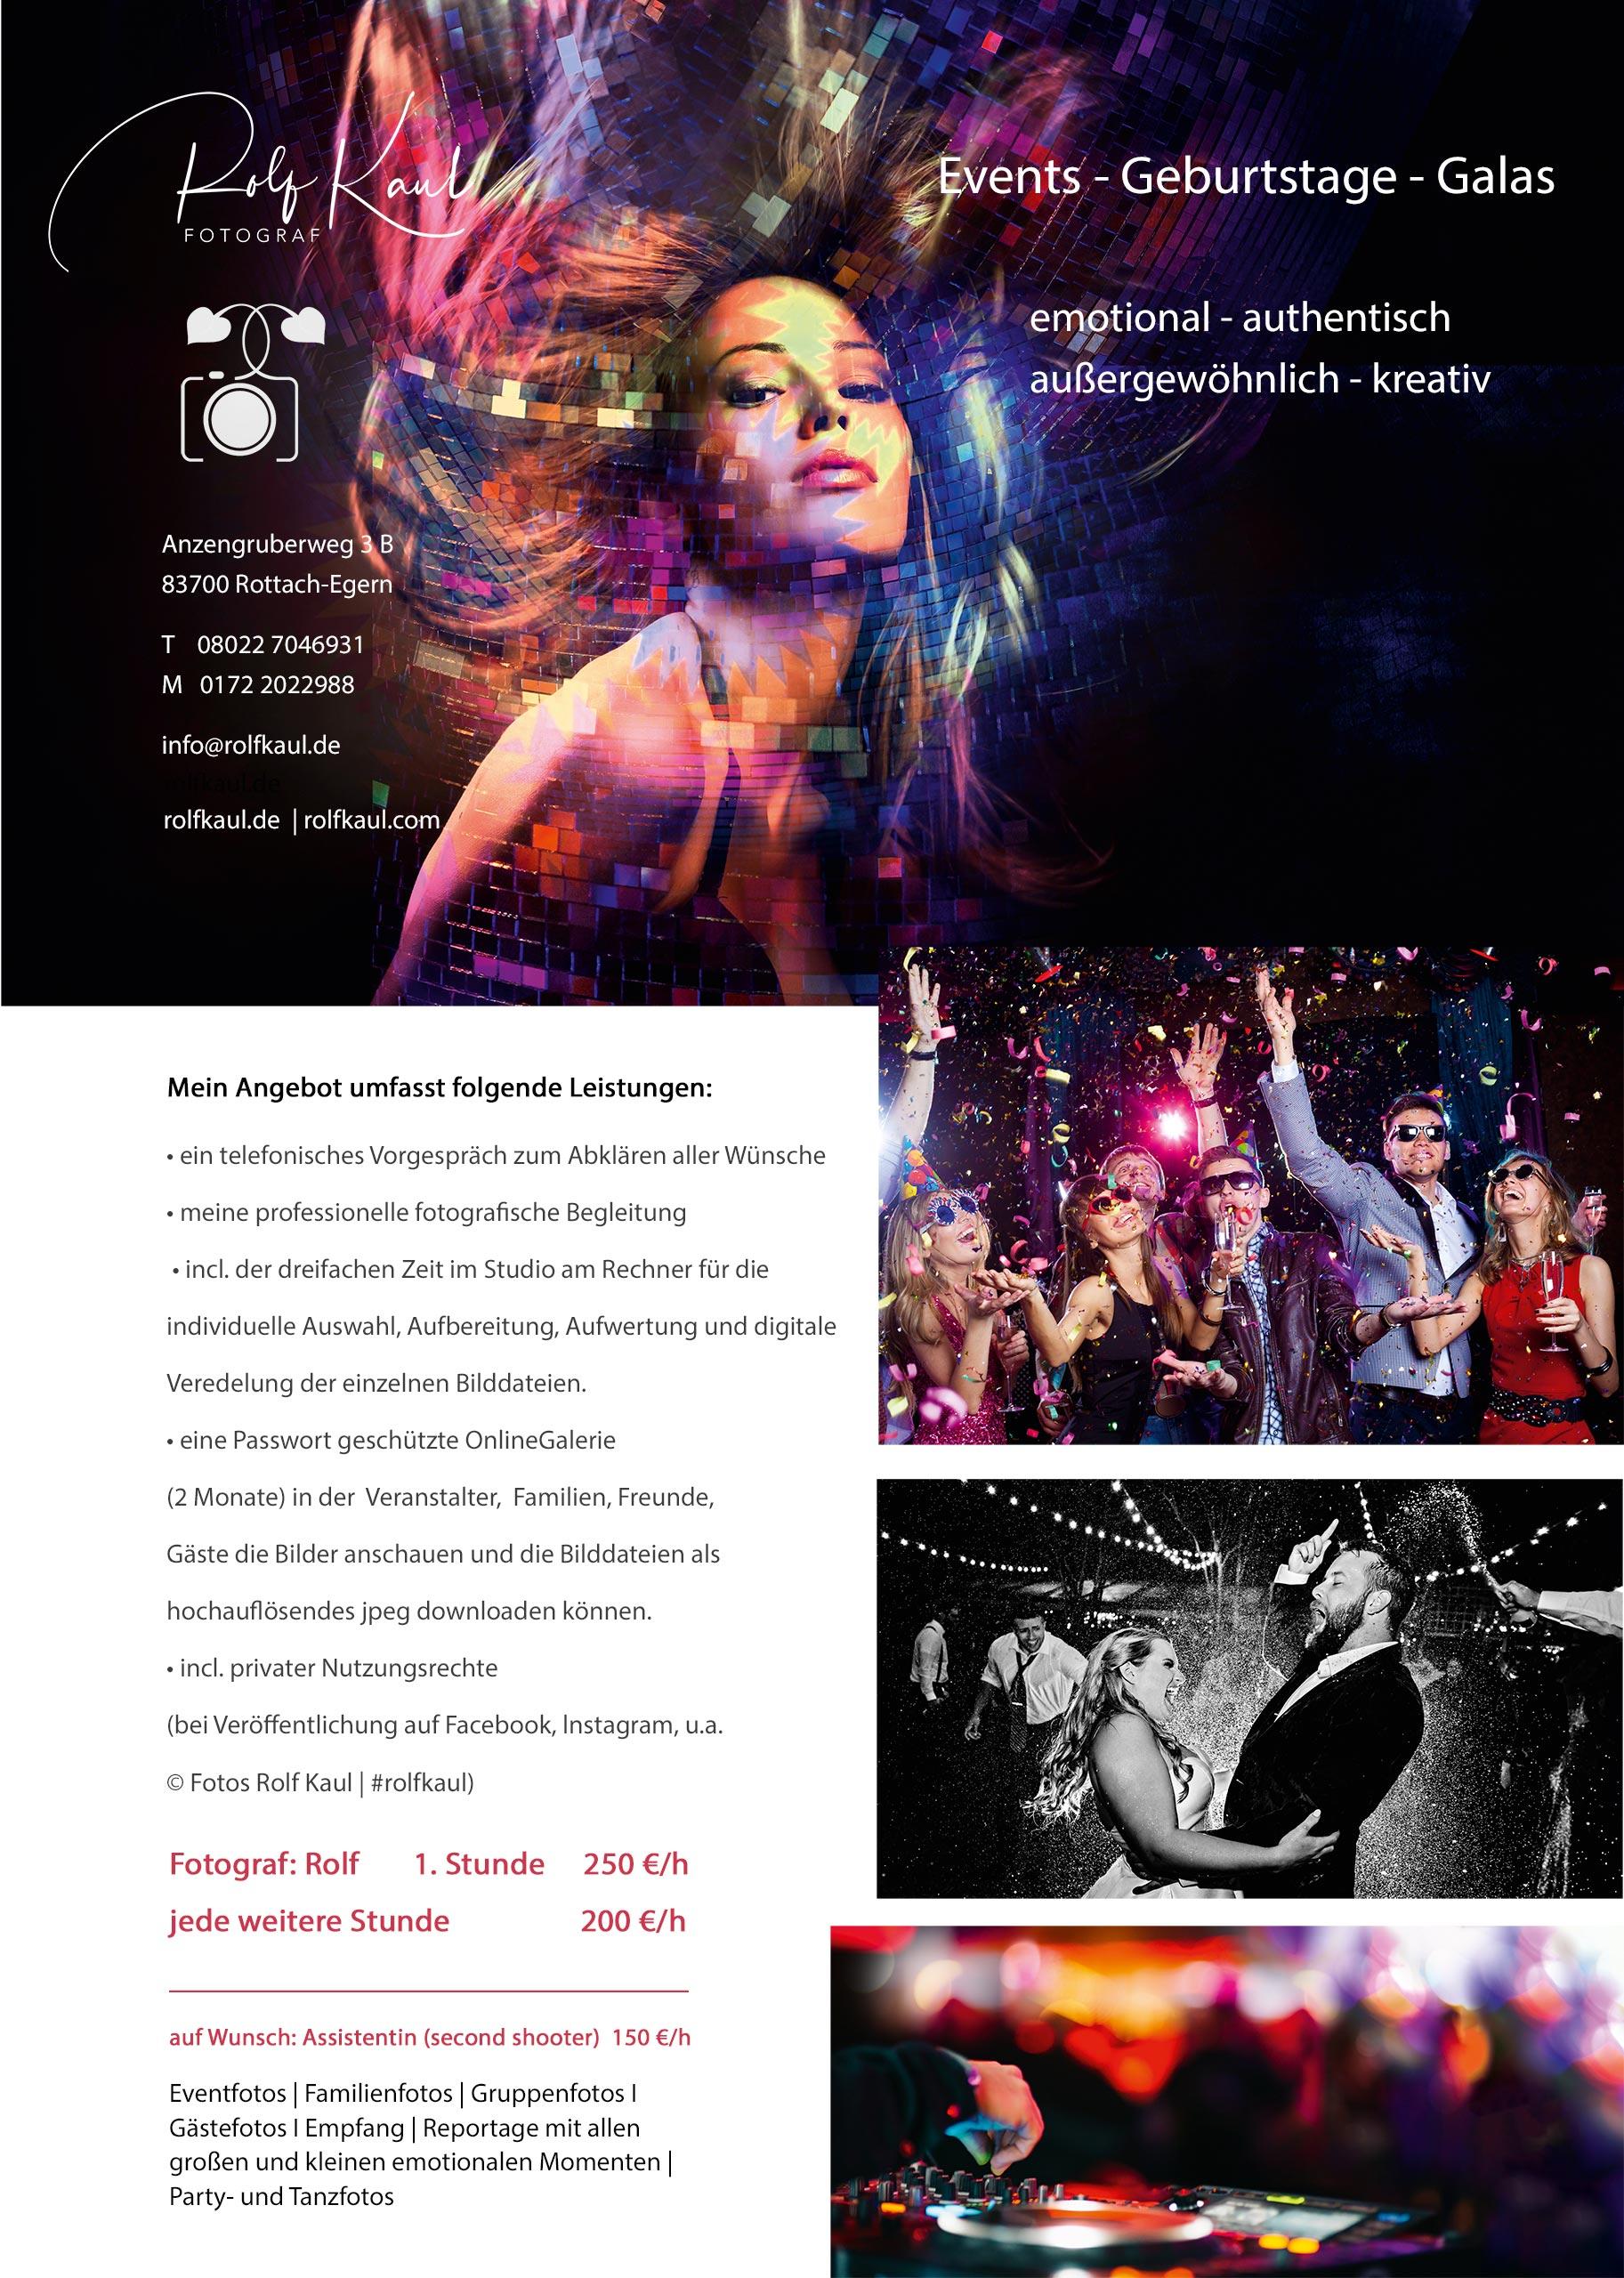 Infos zu Preisen und Leistungen für Events-Geburtstage-Feiern